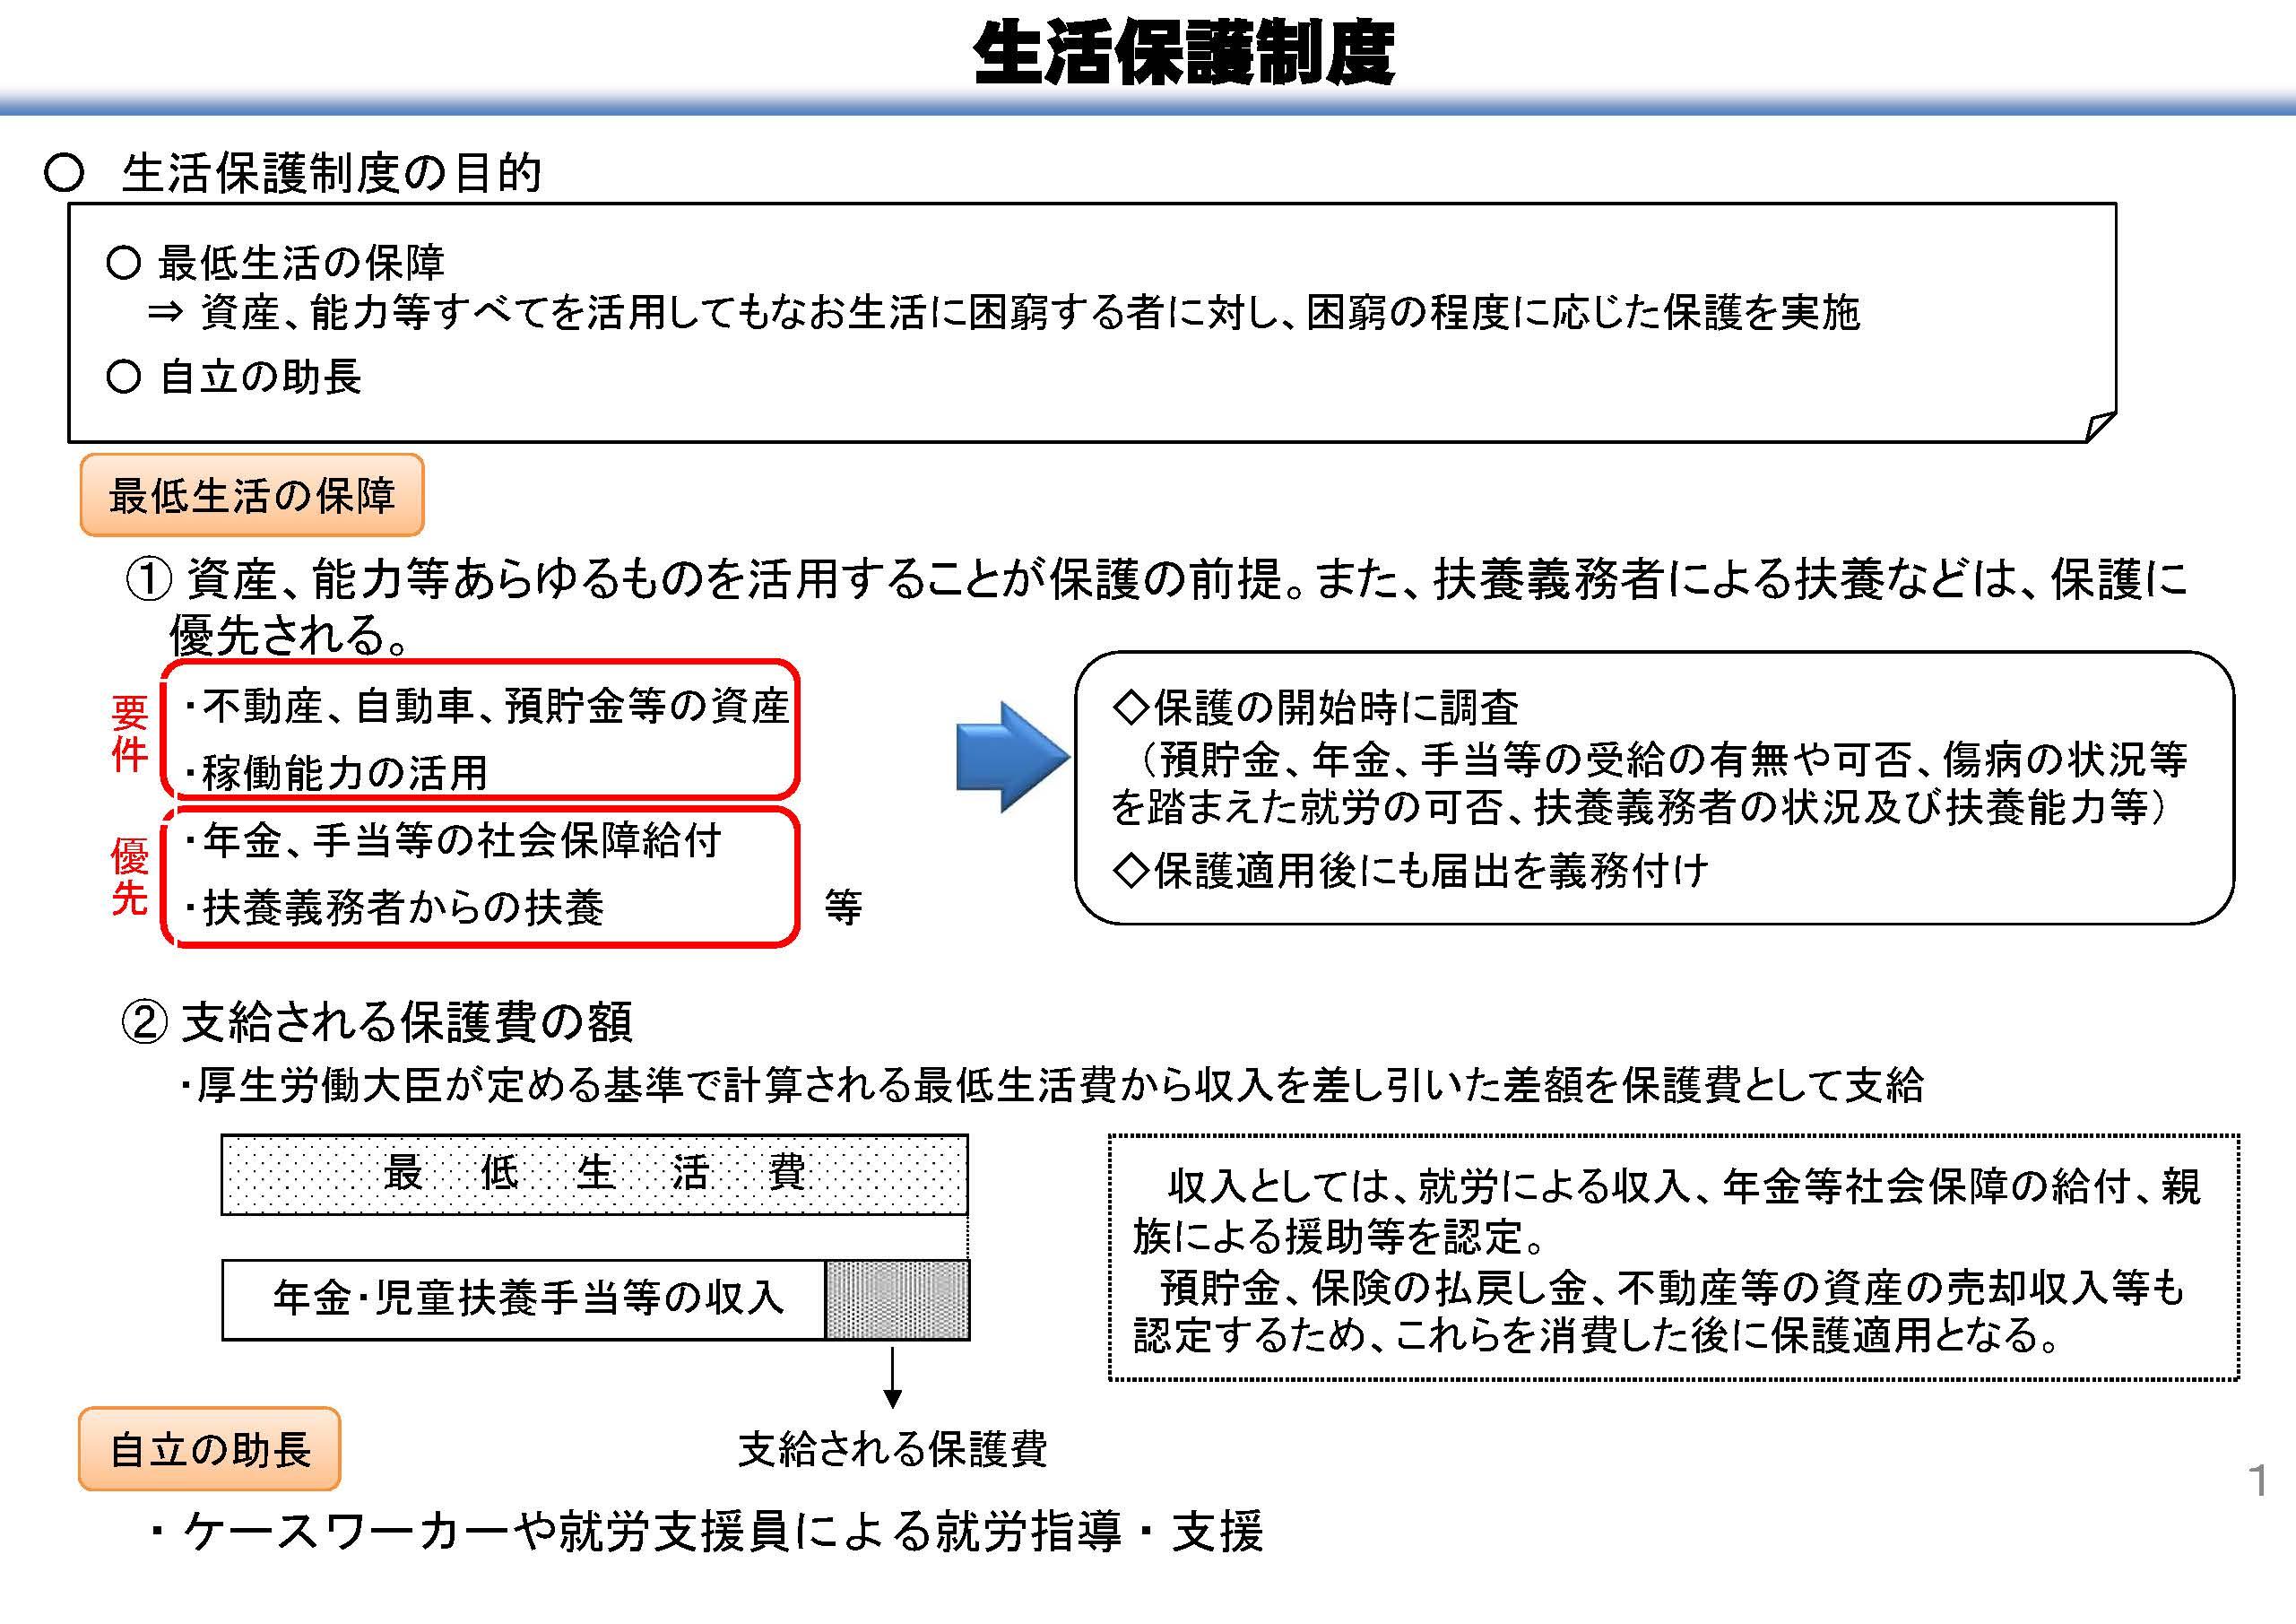 210216 生活保護関係資料(厚生労働省) 2.jpg